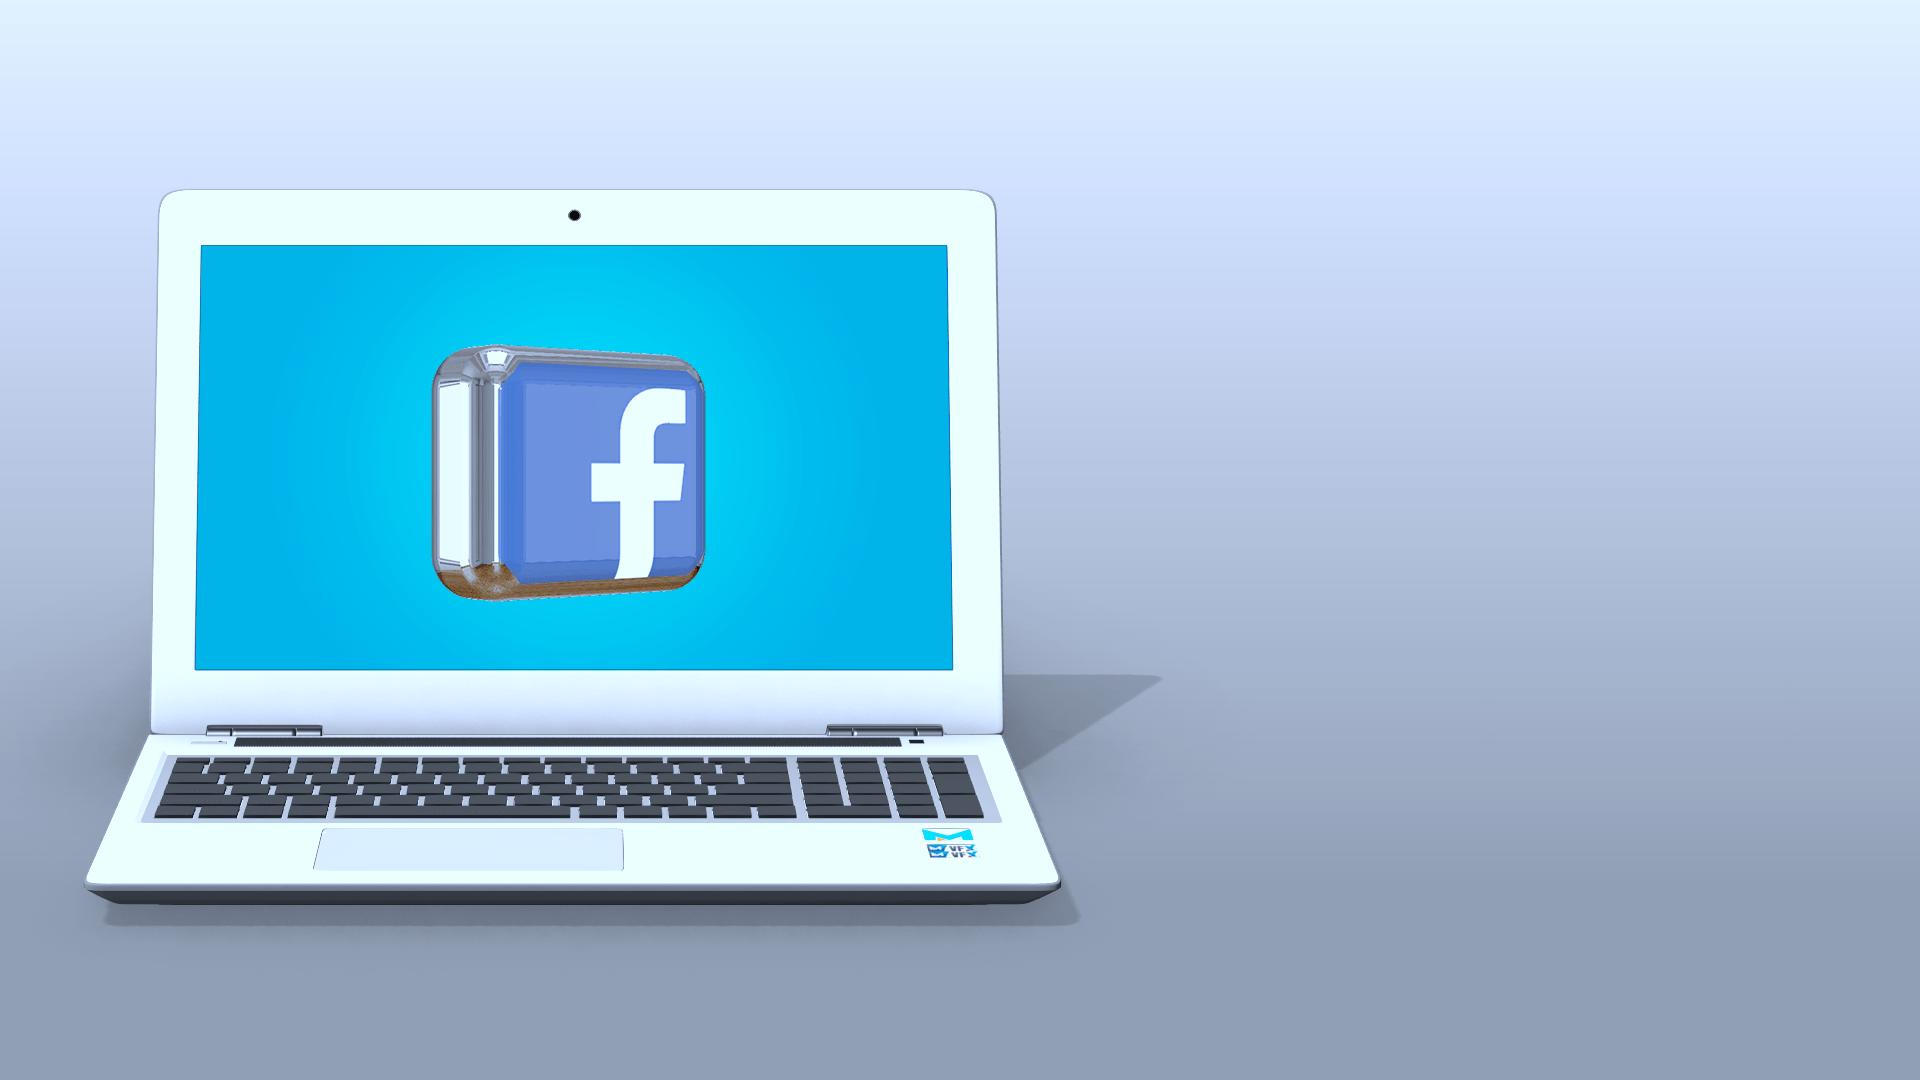 Free facebook 3d logo in laptop display